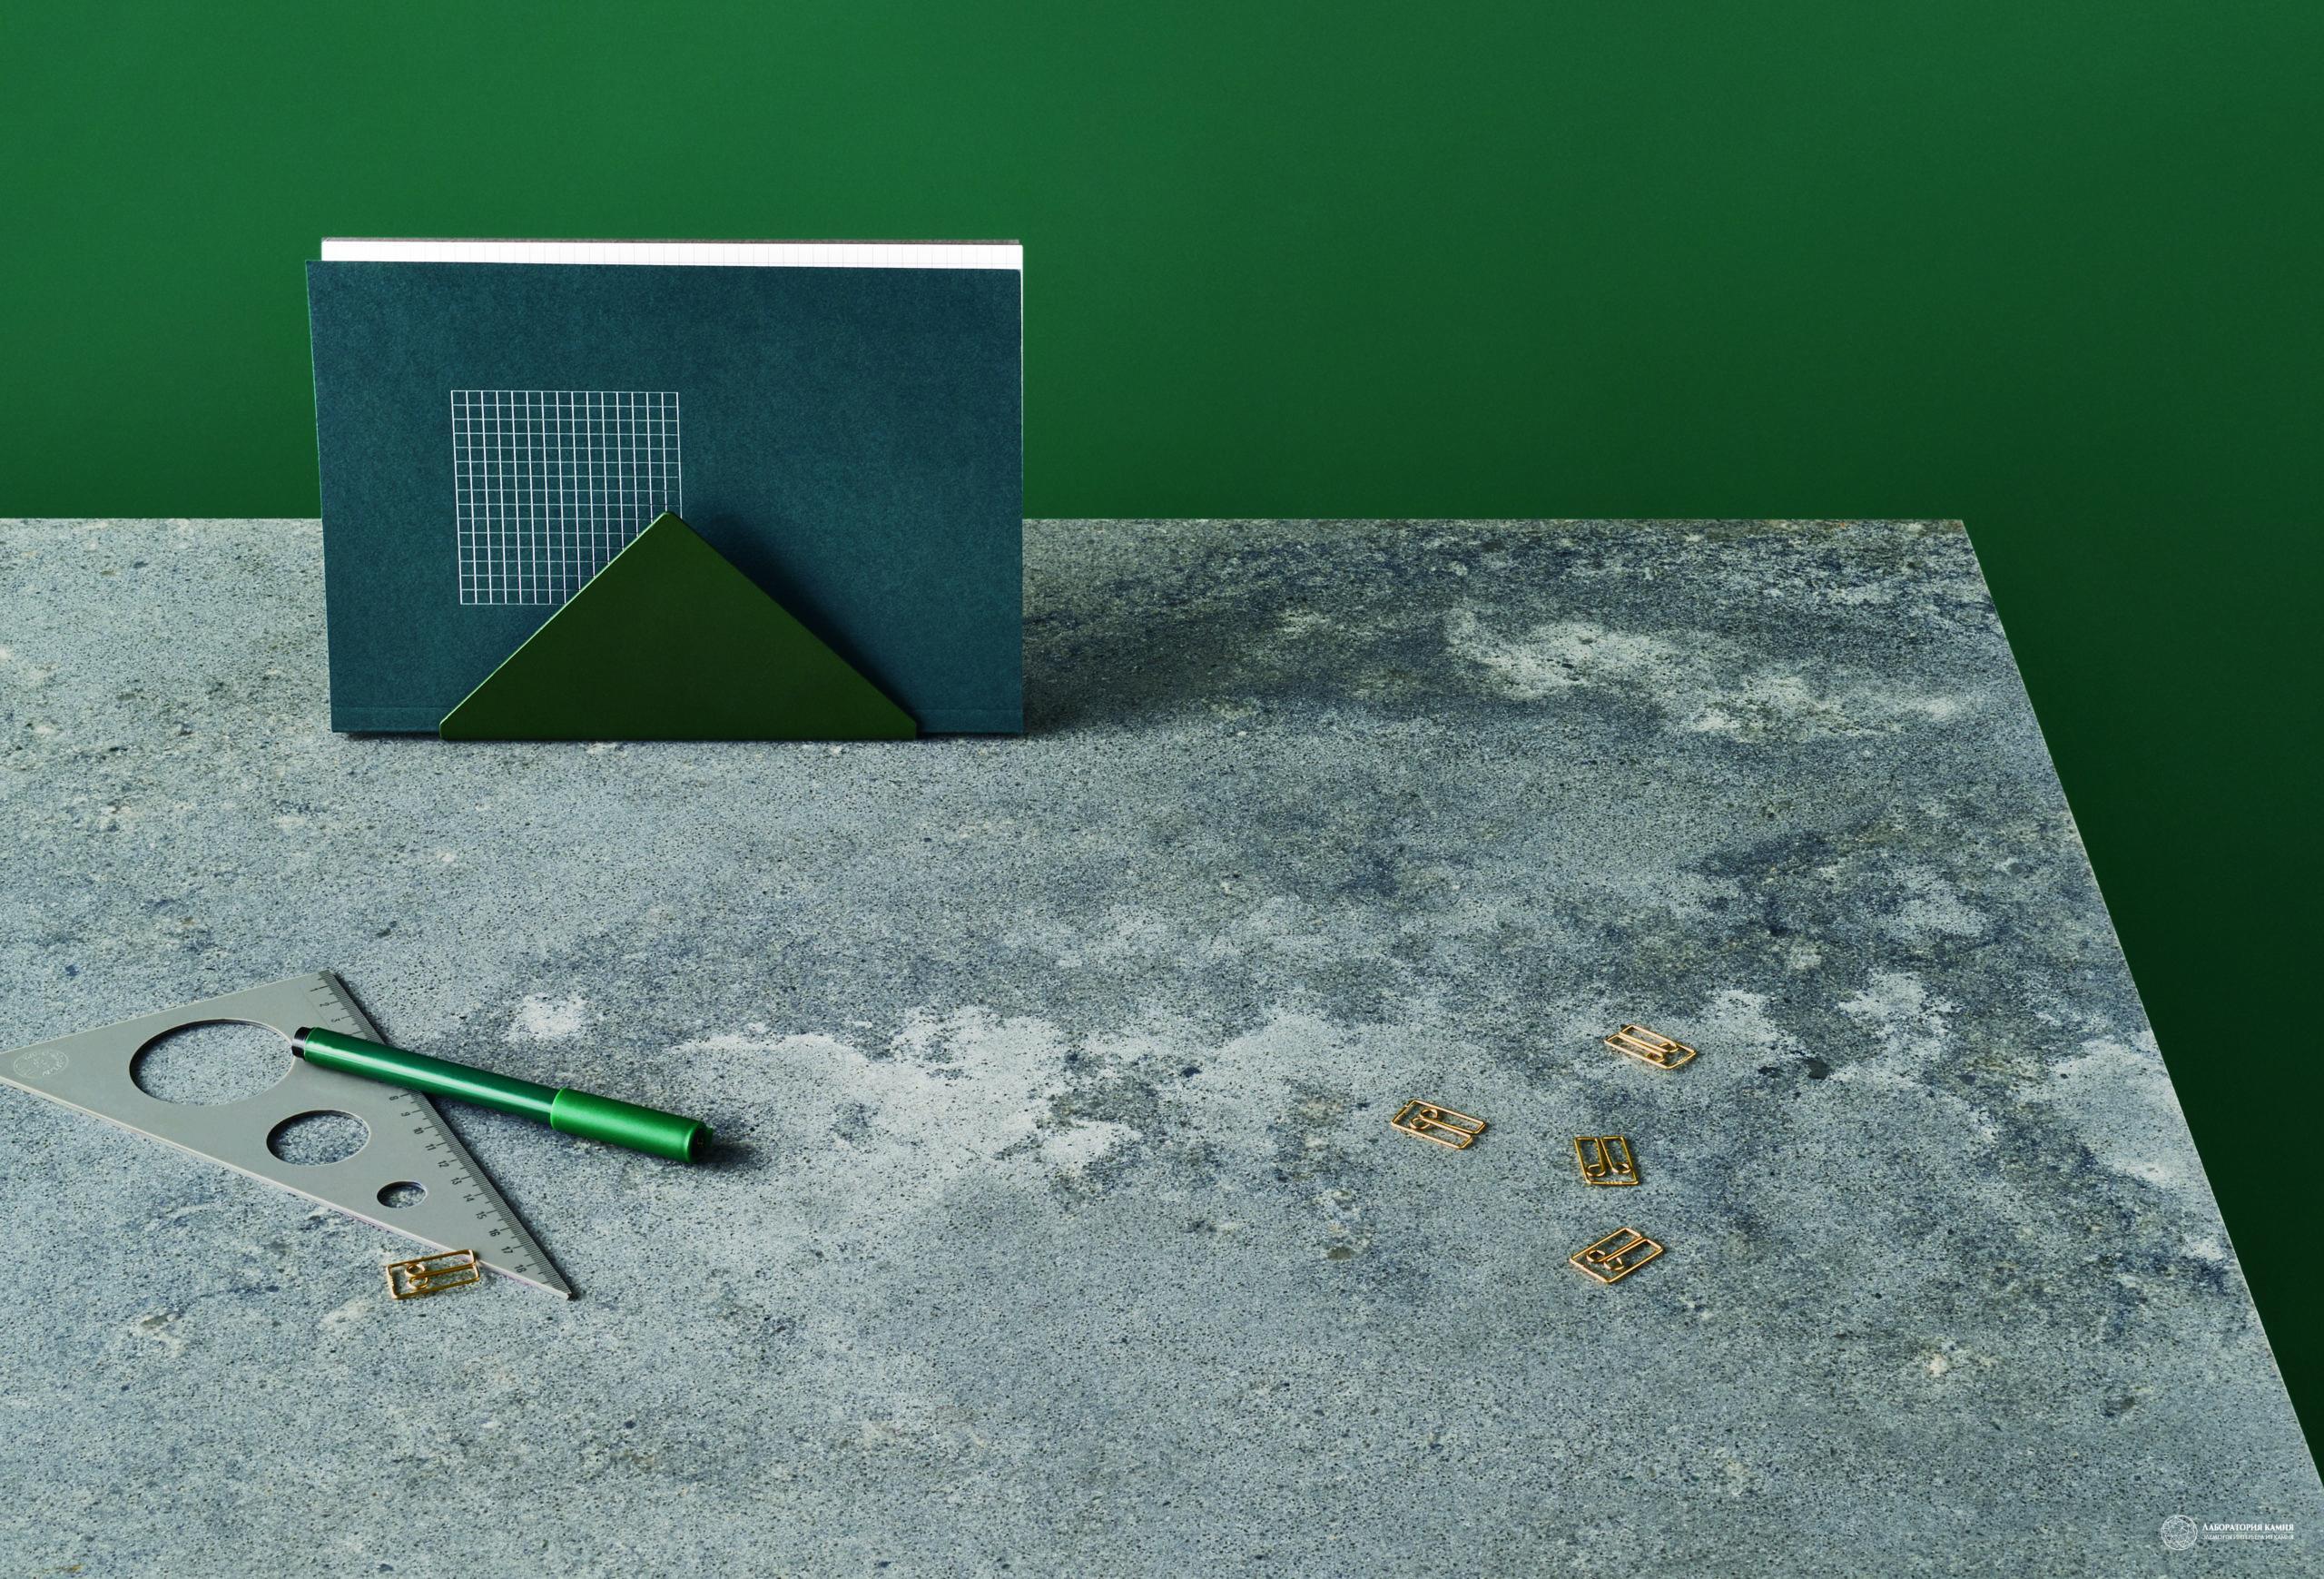 Заказать Rugged Concrete в Москве - Фото 2